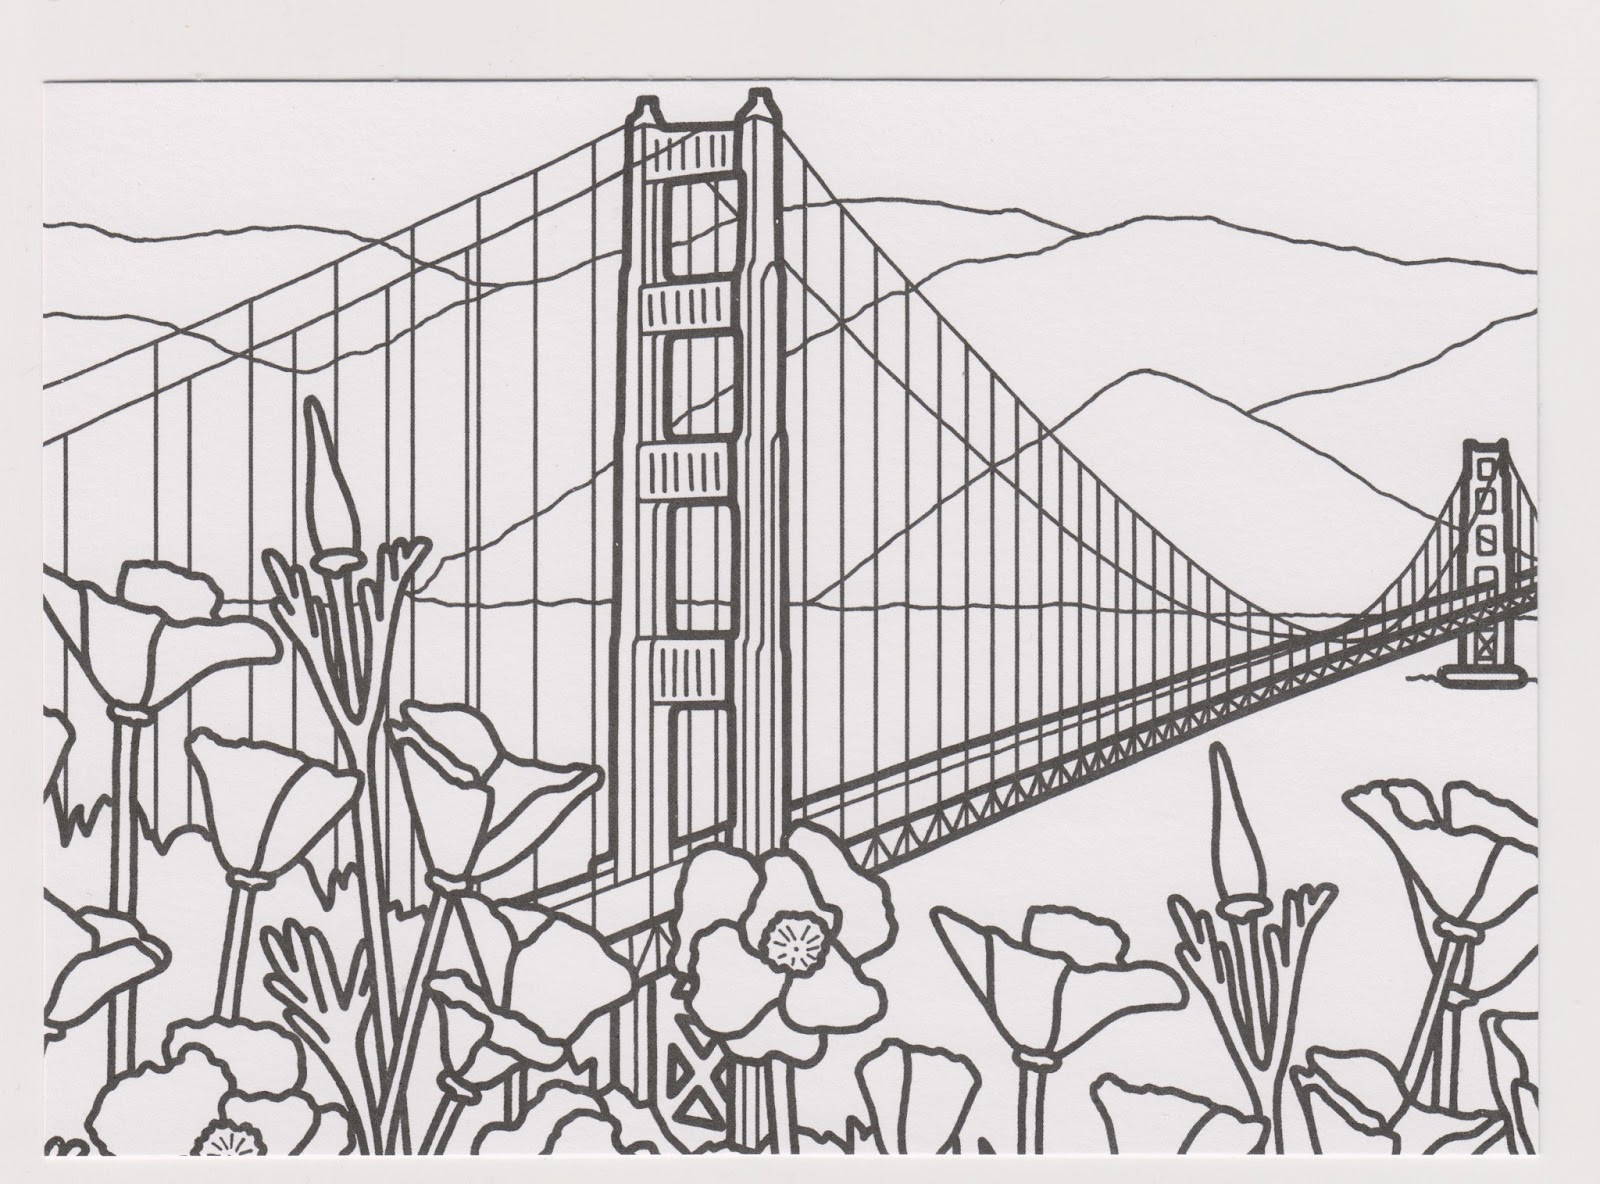 Golden gate bridge coloring pages